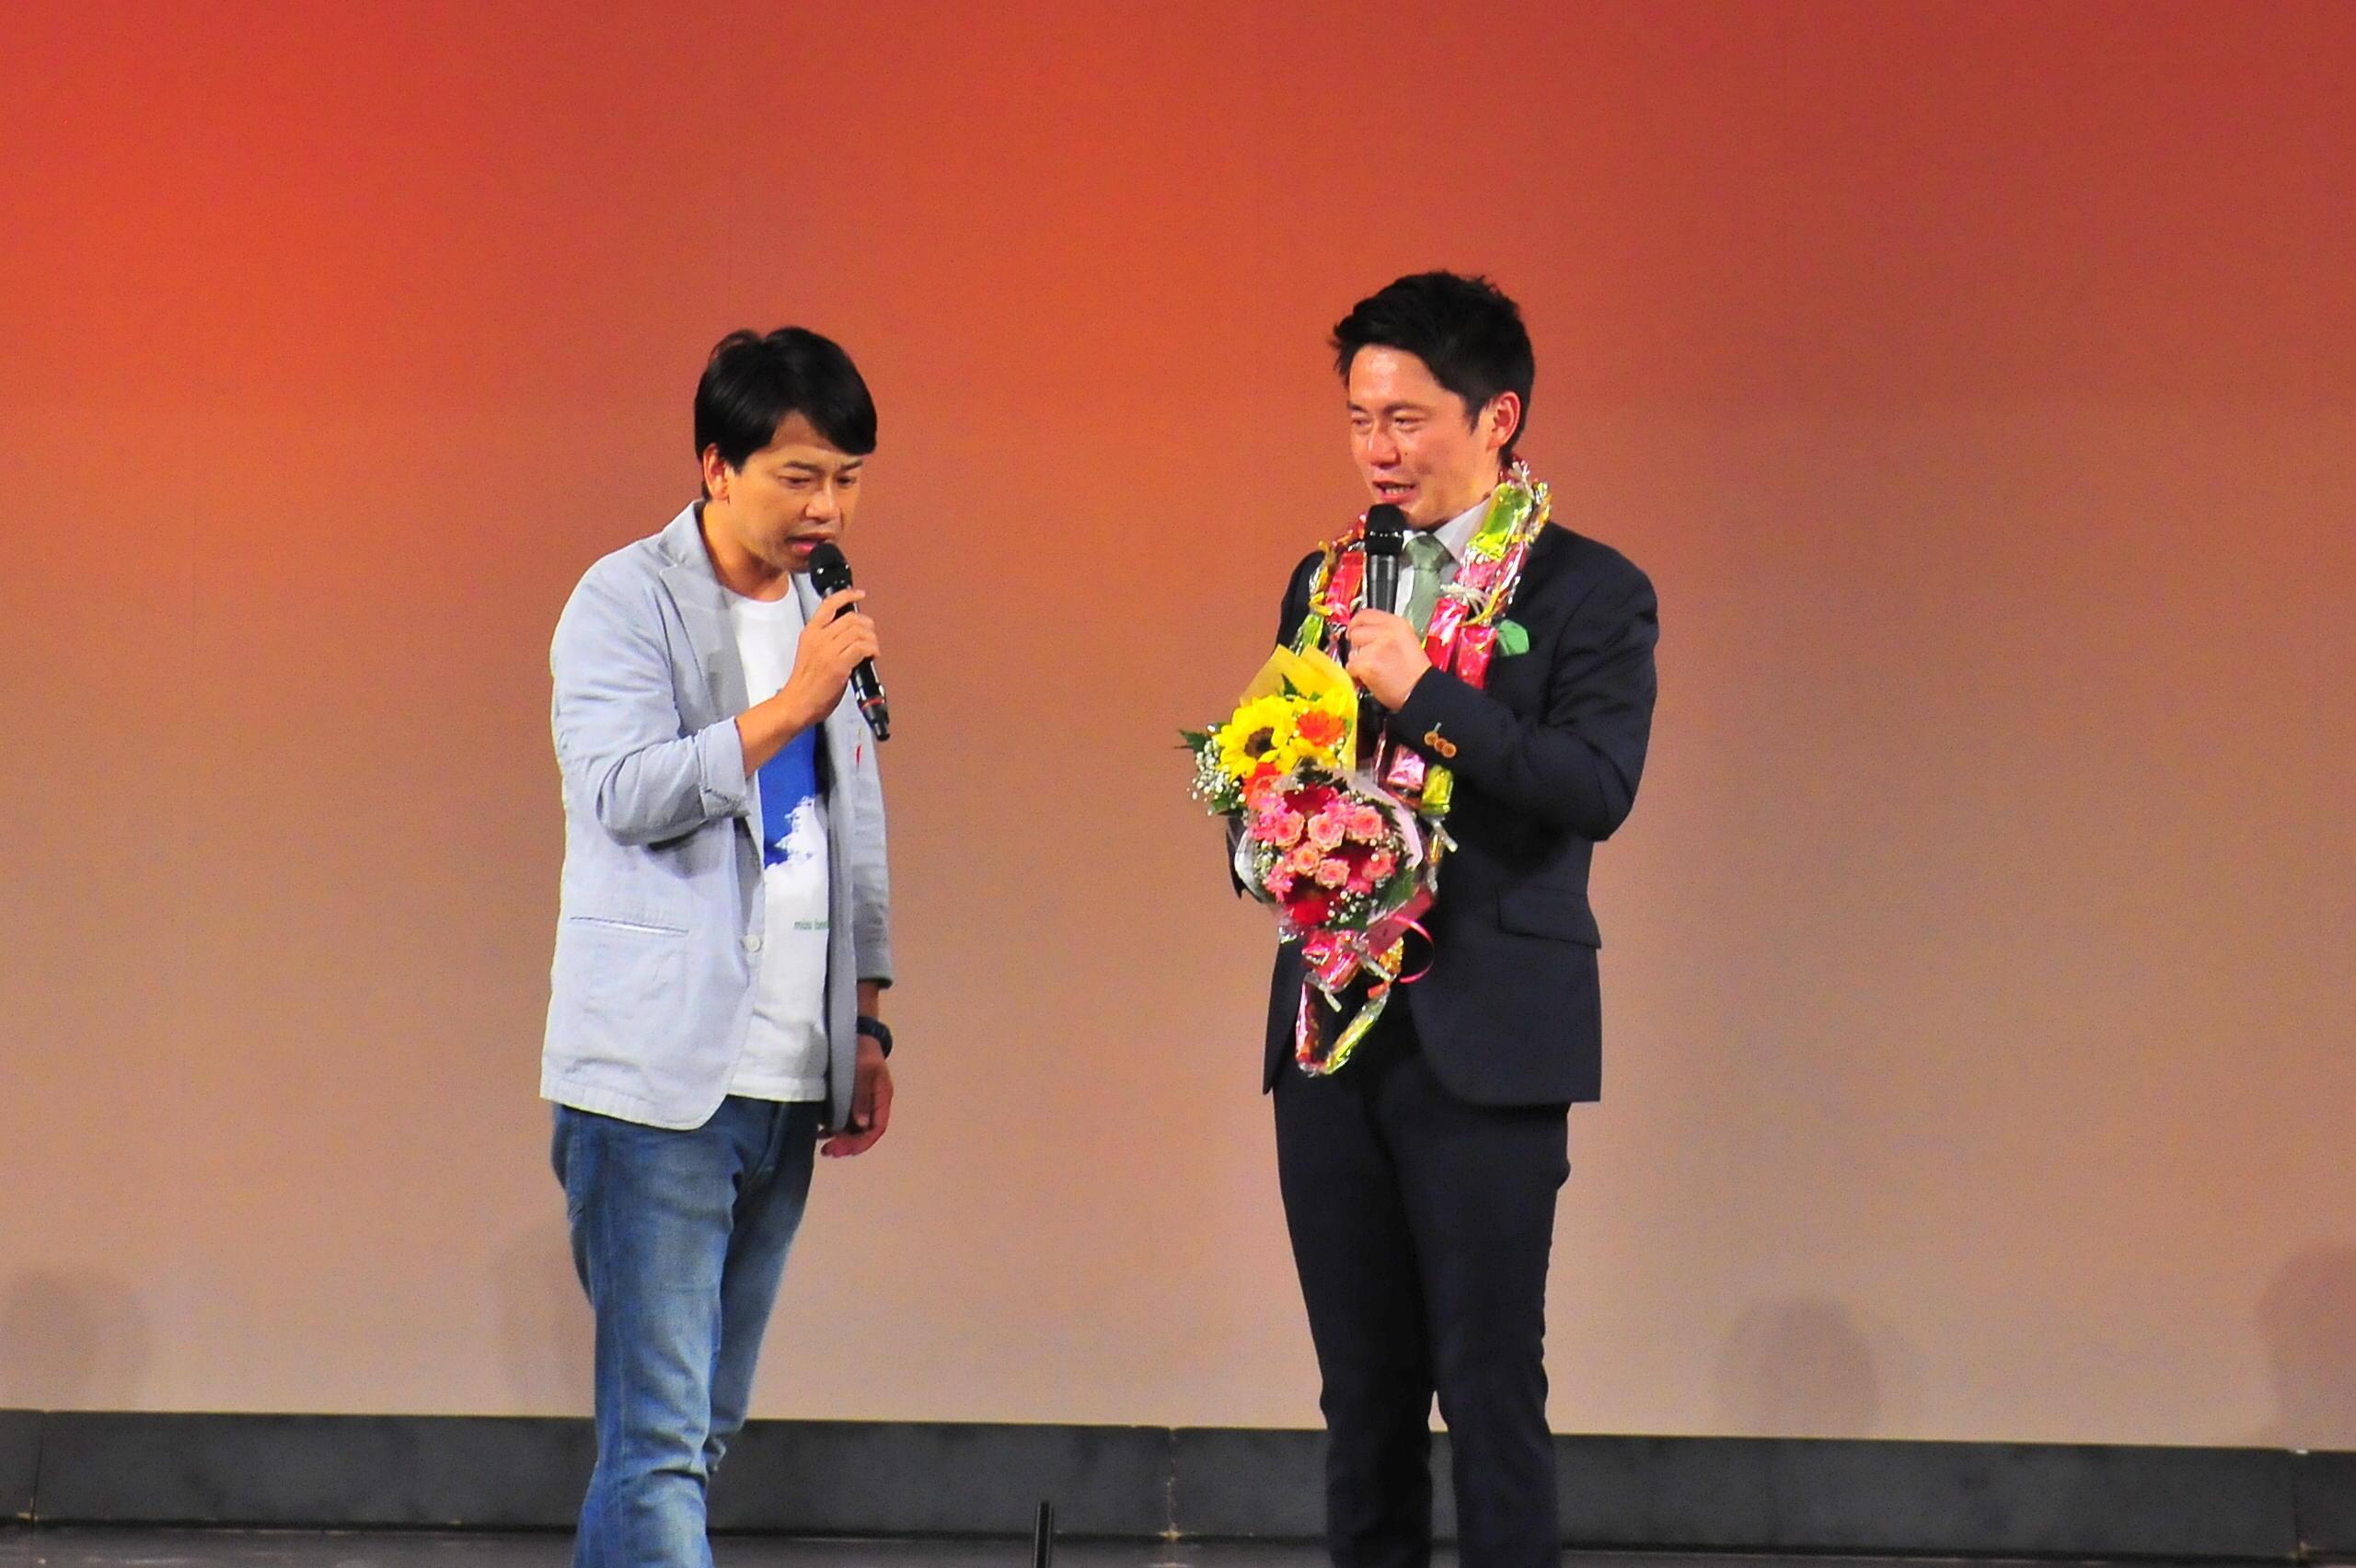 http://news.yoshimoto.co.jp/20160516144946-8e31b98f51a3021db7210f87473bb27e0de5a438.jpg